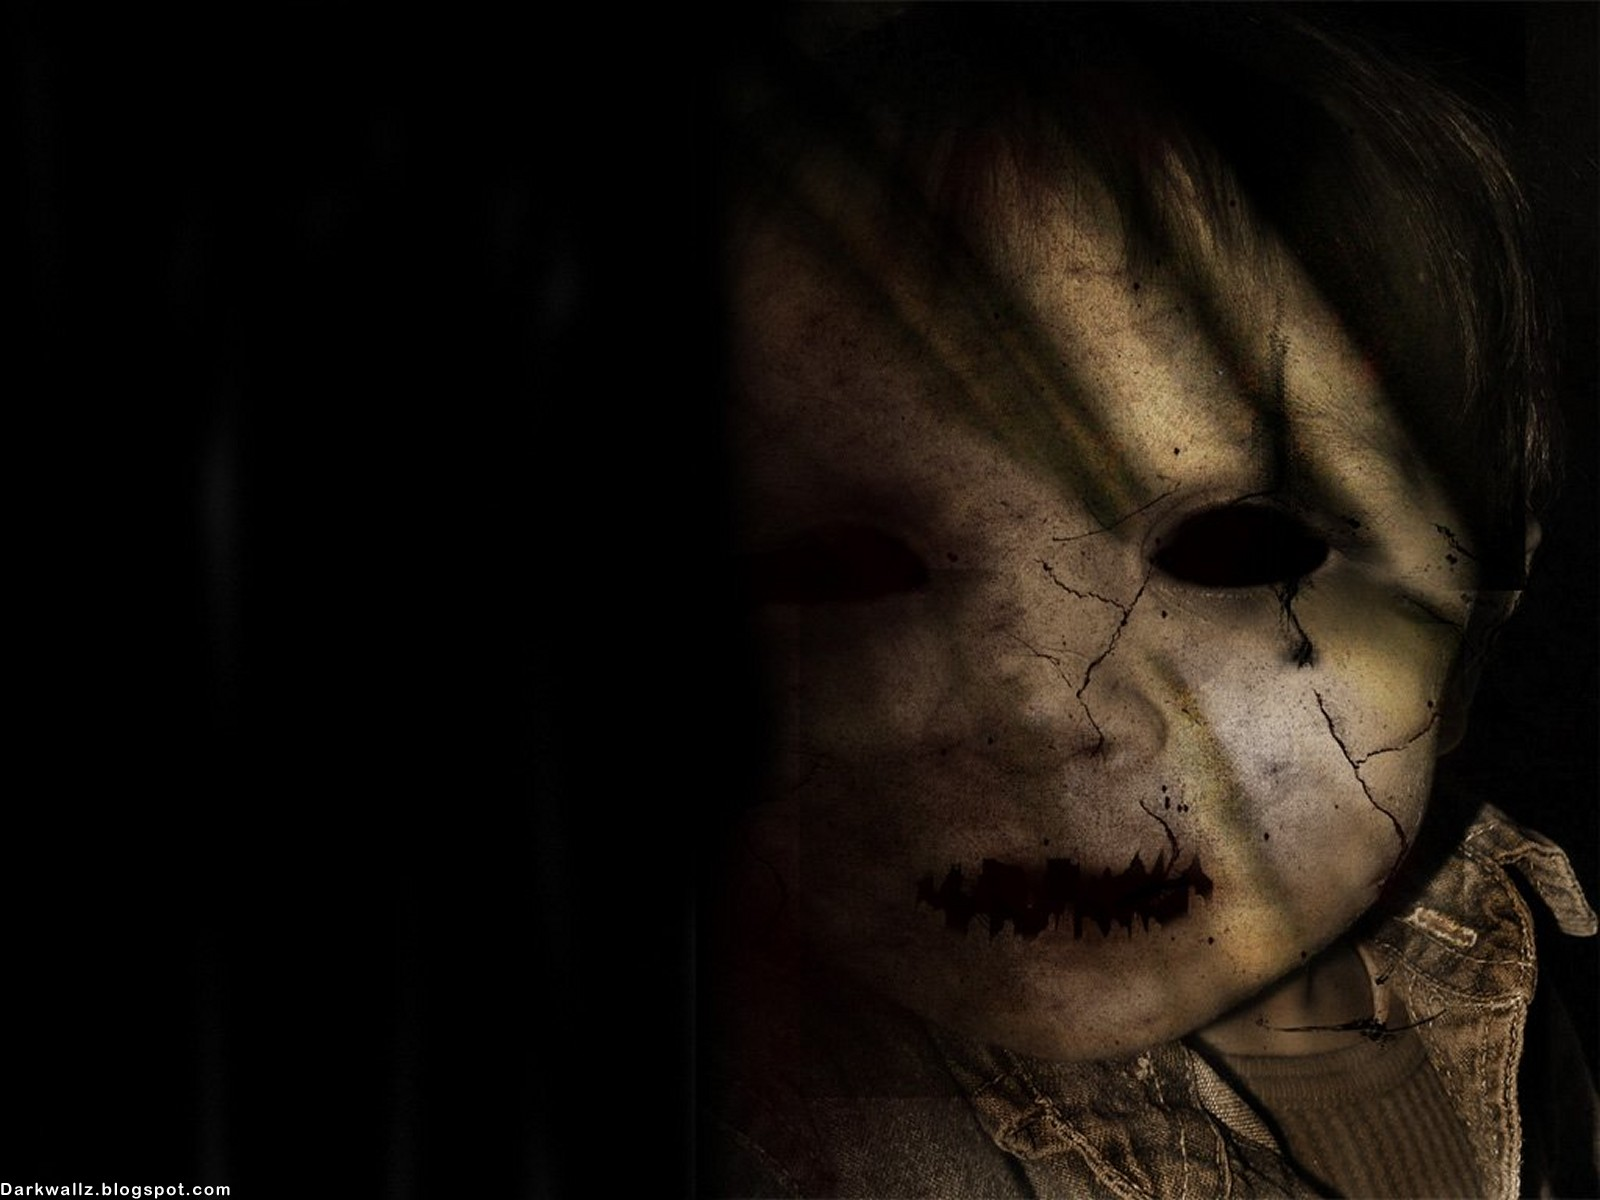 Download Free Download Horror Wallpaper Gallery: Hintergrundbilder Von Eurem Profil